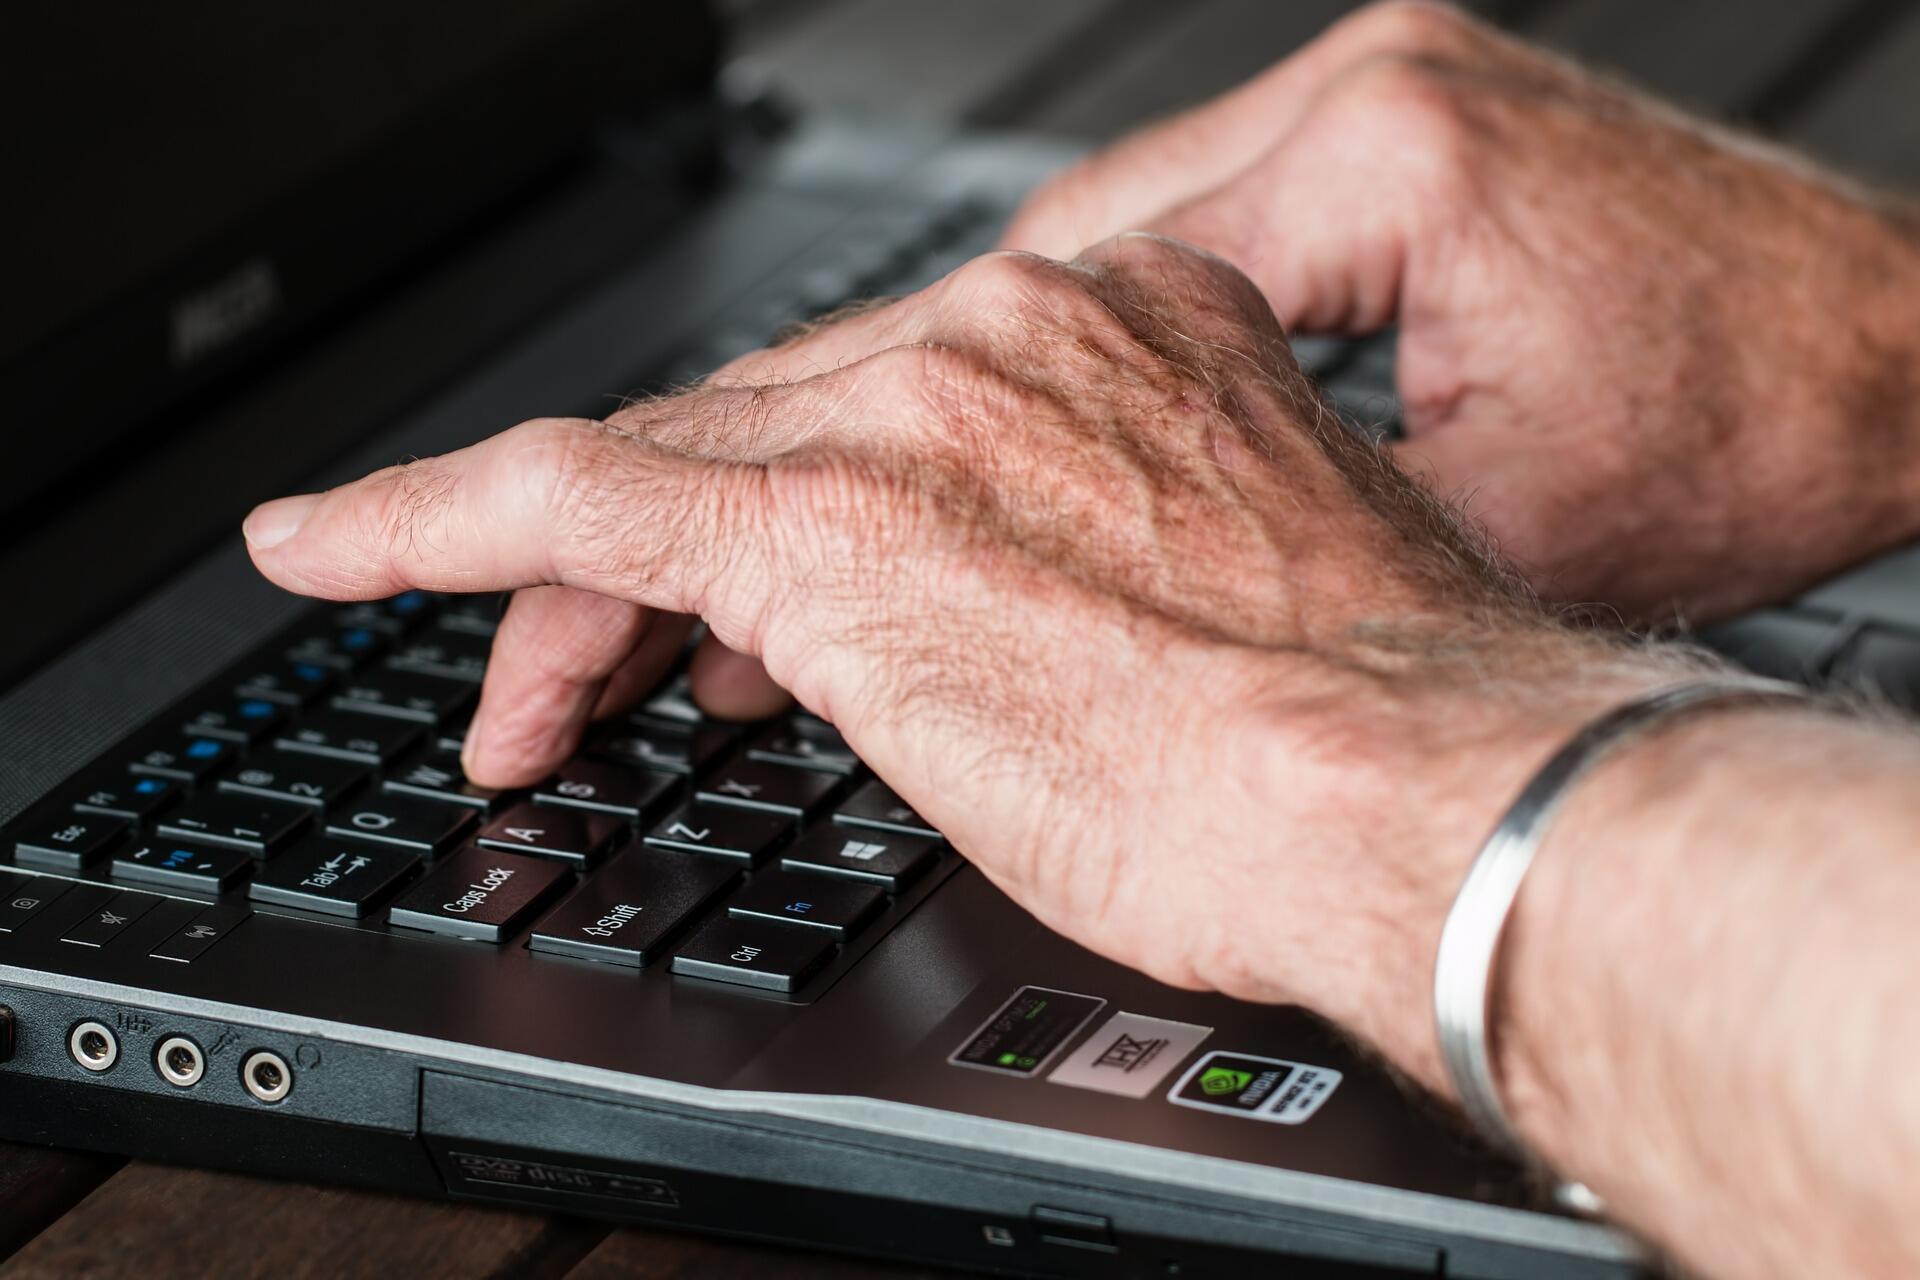 """A desmaterialização dos serviços públicos é dificultada pelo """"analfabetismo digital""""."""